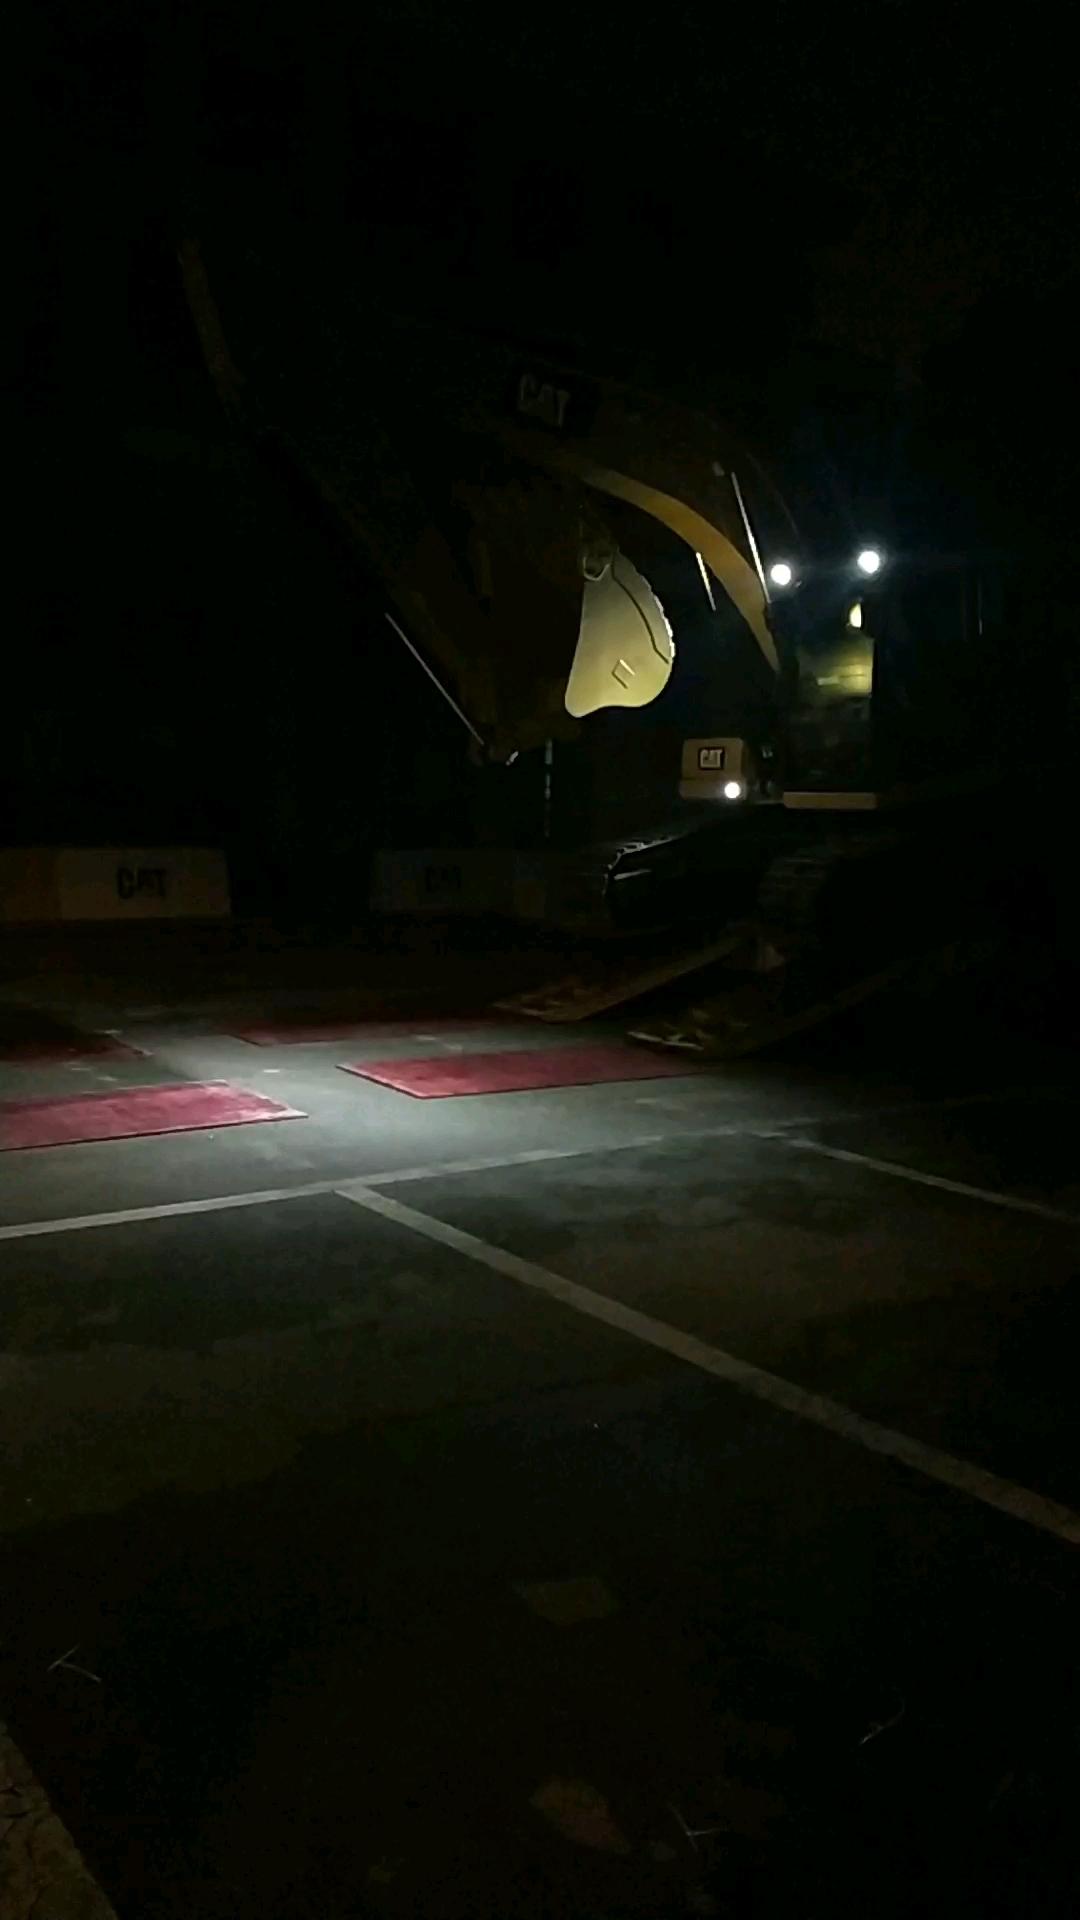 卡特争霸赛+甲友聚会+长沙展会